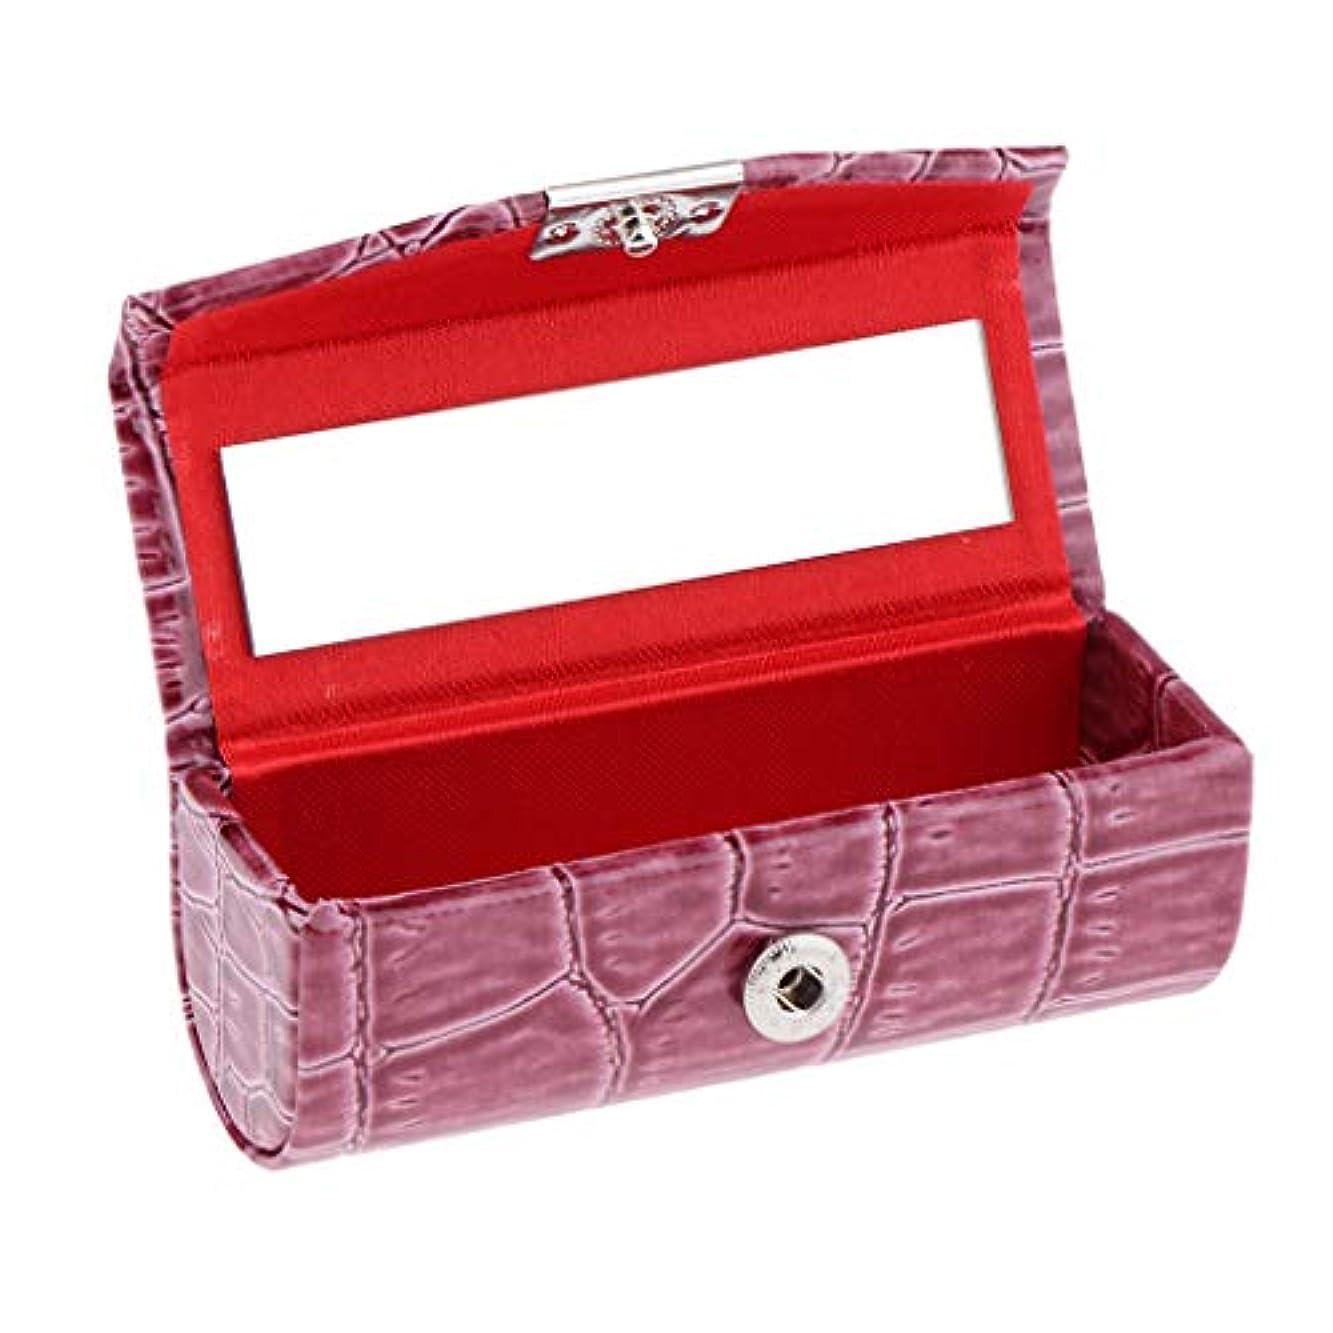 比較影響力のあるリストIPOTCH レザー リップスティックケース 口紅ホルダー ミラー 収納ボックス 多色選べ - カメオブラウン